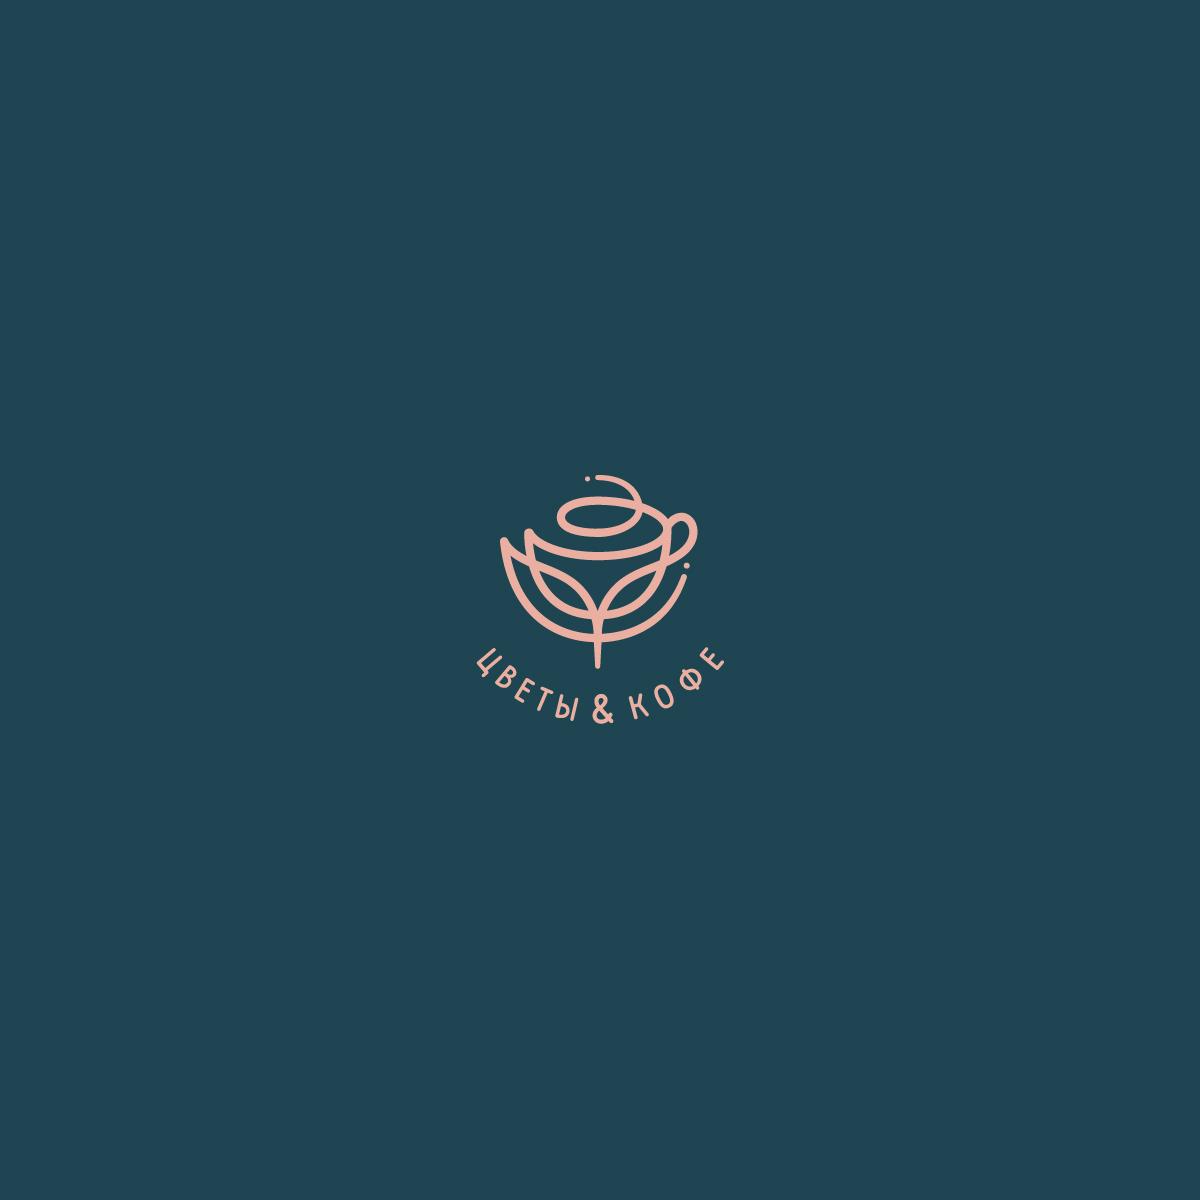 Логотип для ЦВЕТОКОД  фото f_0125d00c2627a21a.jpg